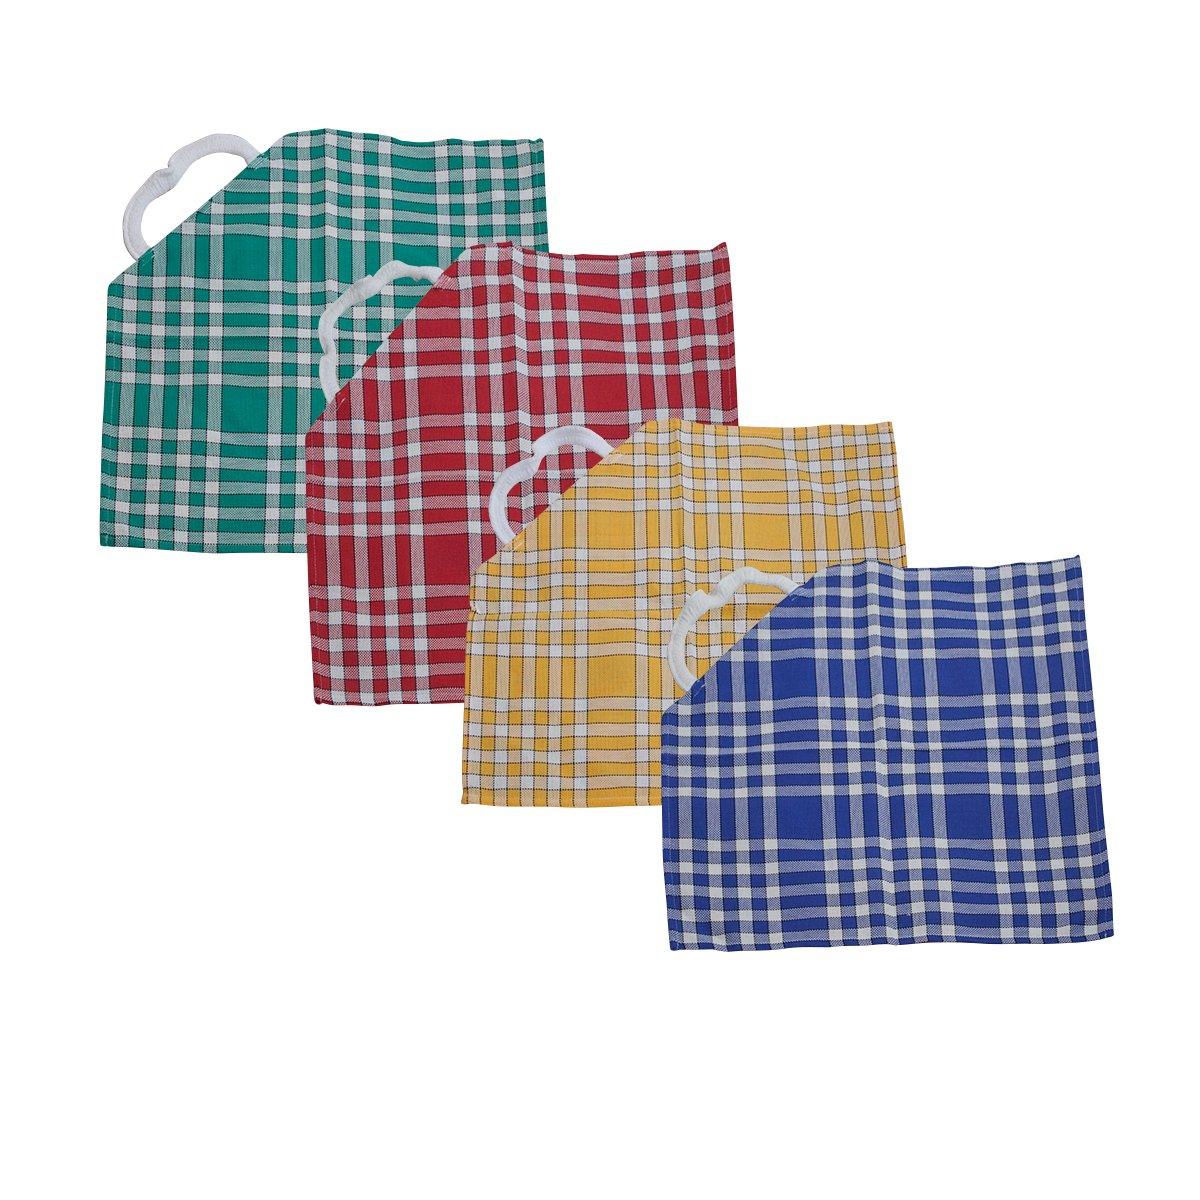 Bricout - Linge - Lot De 4 Serviettes De Table Carreaux Normands - 100% Coton - 210 Gr/M2 - Dimensions - 50X50 Cm - Avec Collerette Élastique Label Oeko - Tex BRICOUT-LINGE